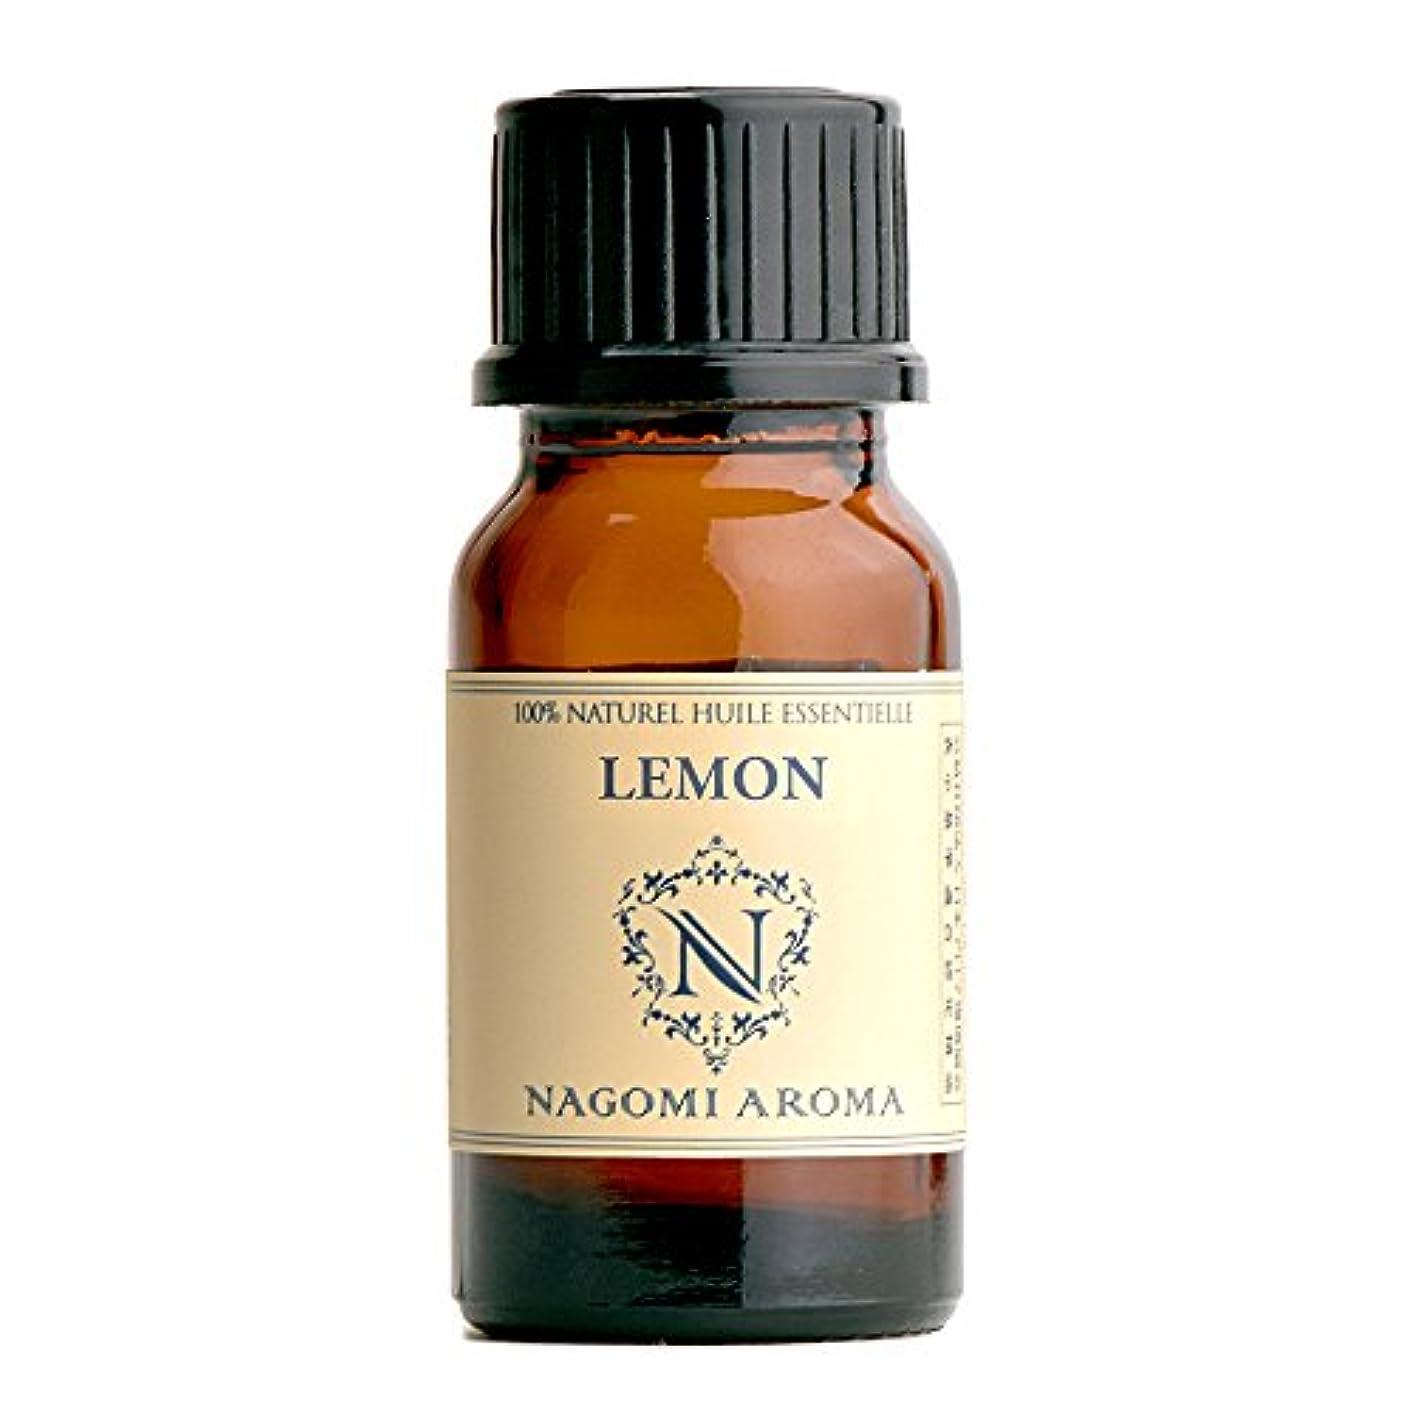 倉庫エミュレーショントランスミッションNAGOMI AROMA レモン 10ml 【AEAJ認定精油】【アロマオイル】